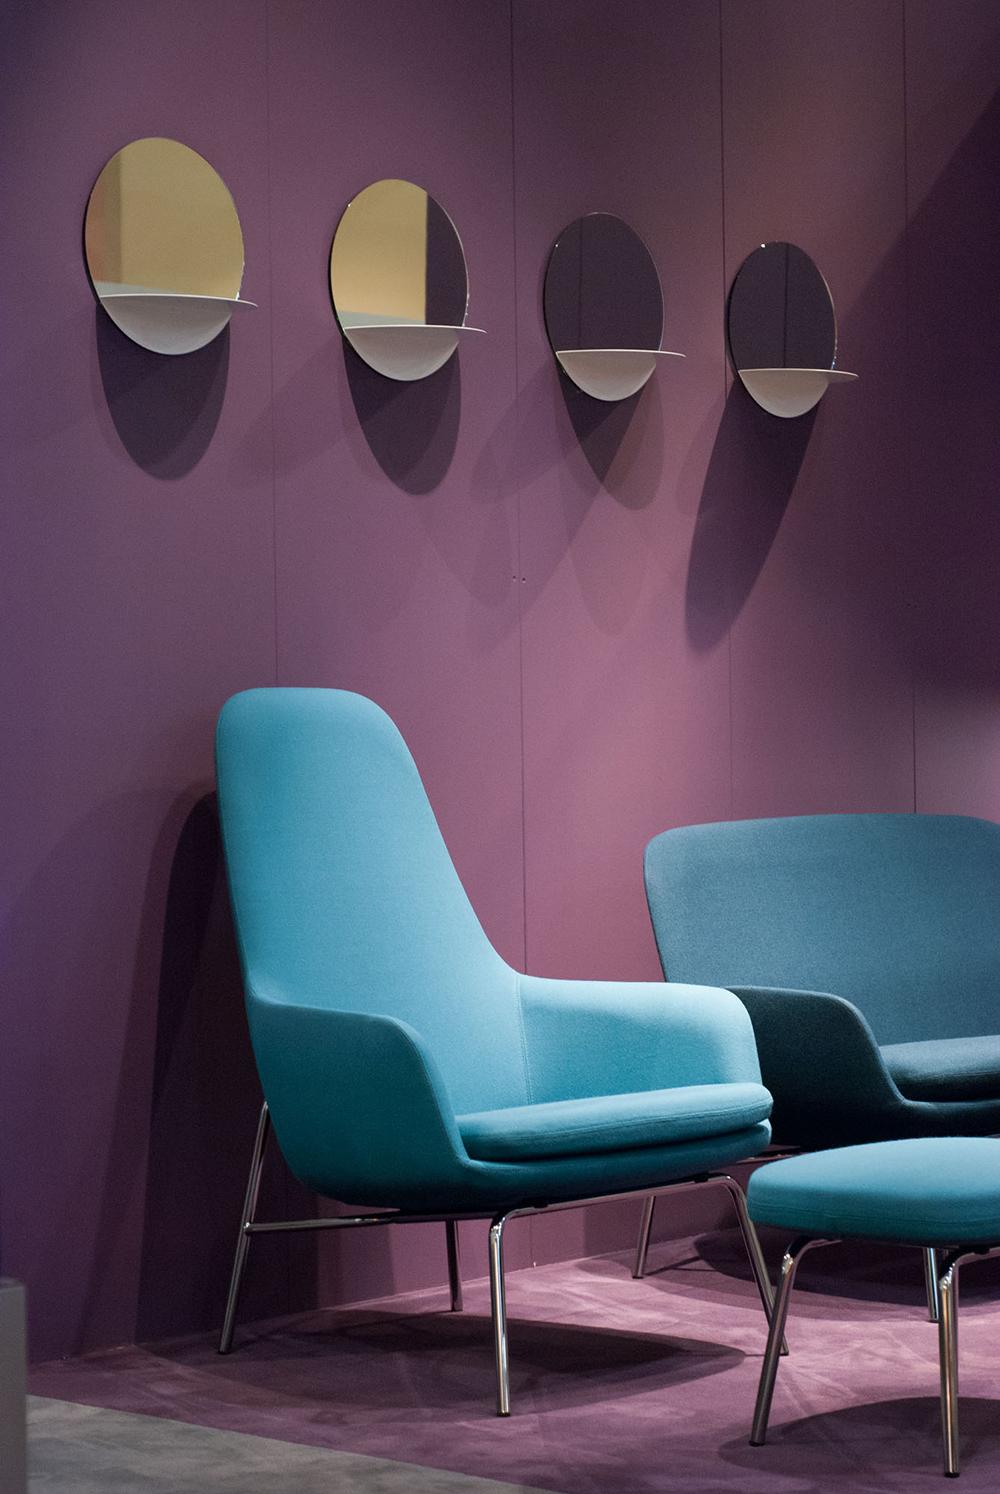 Les miroirs sont également un élément décoratif important dans l'univers de Normann Copenhagen